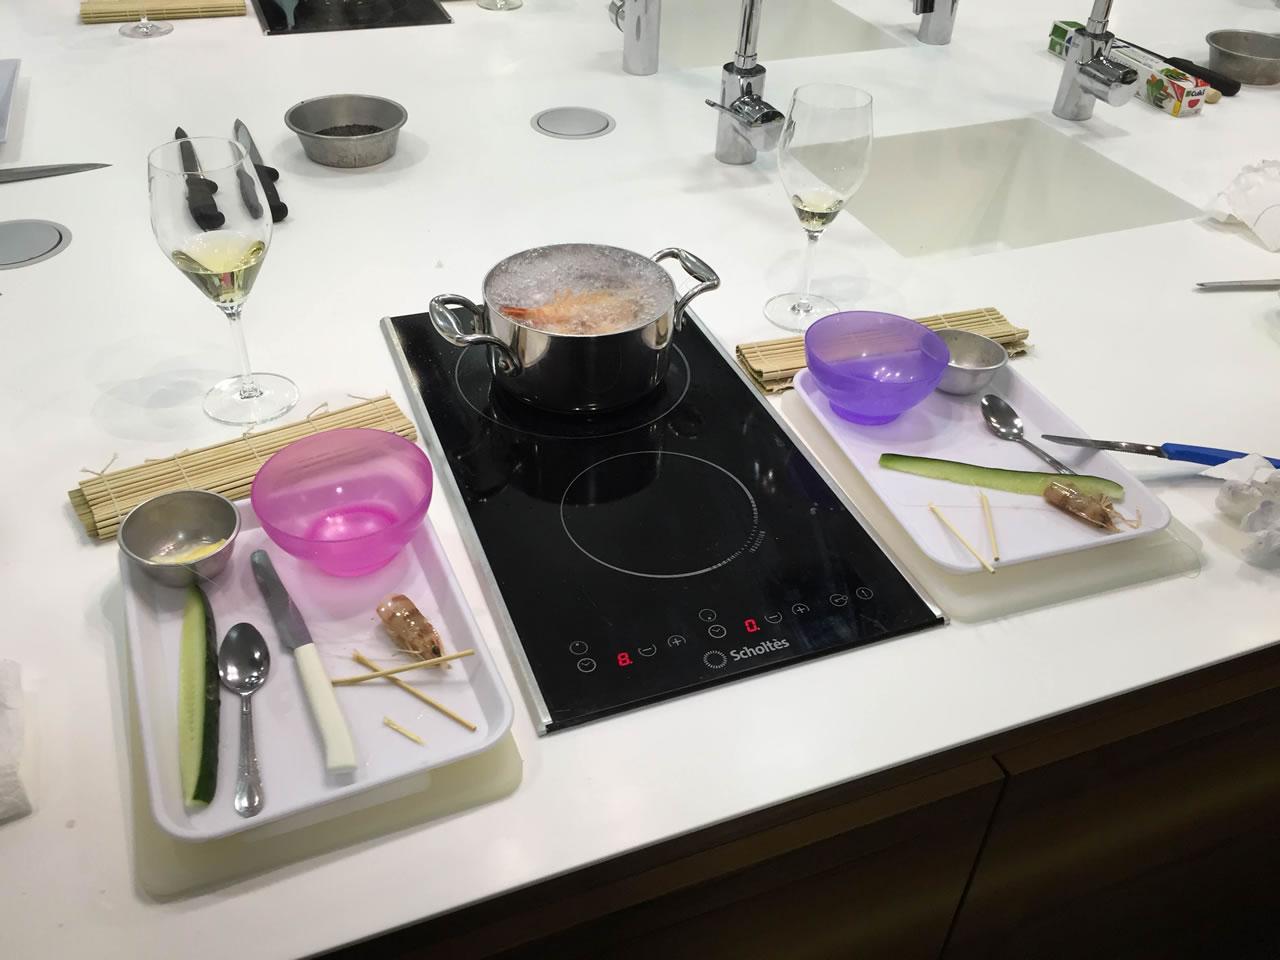 Imparare a fare il sushi presso Toffini Academy preparazione sushi